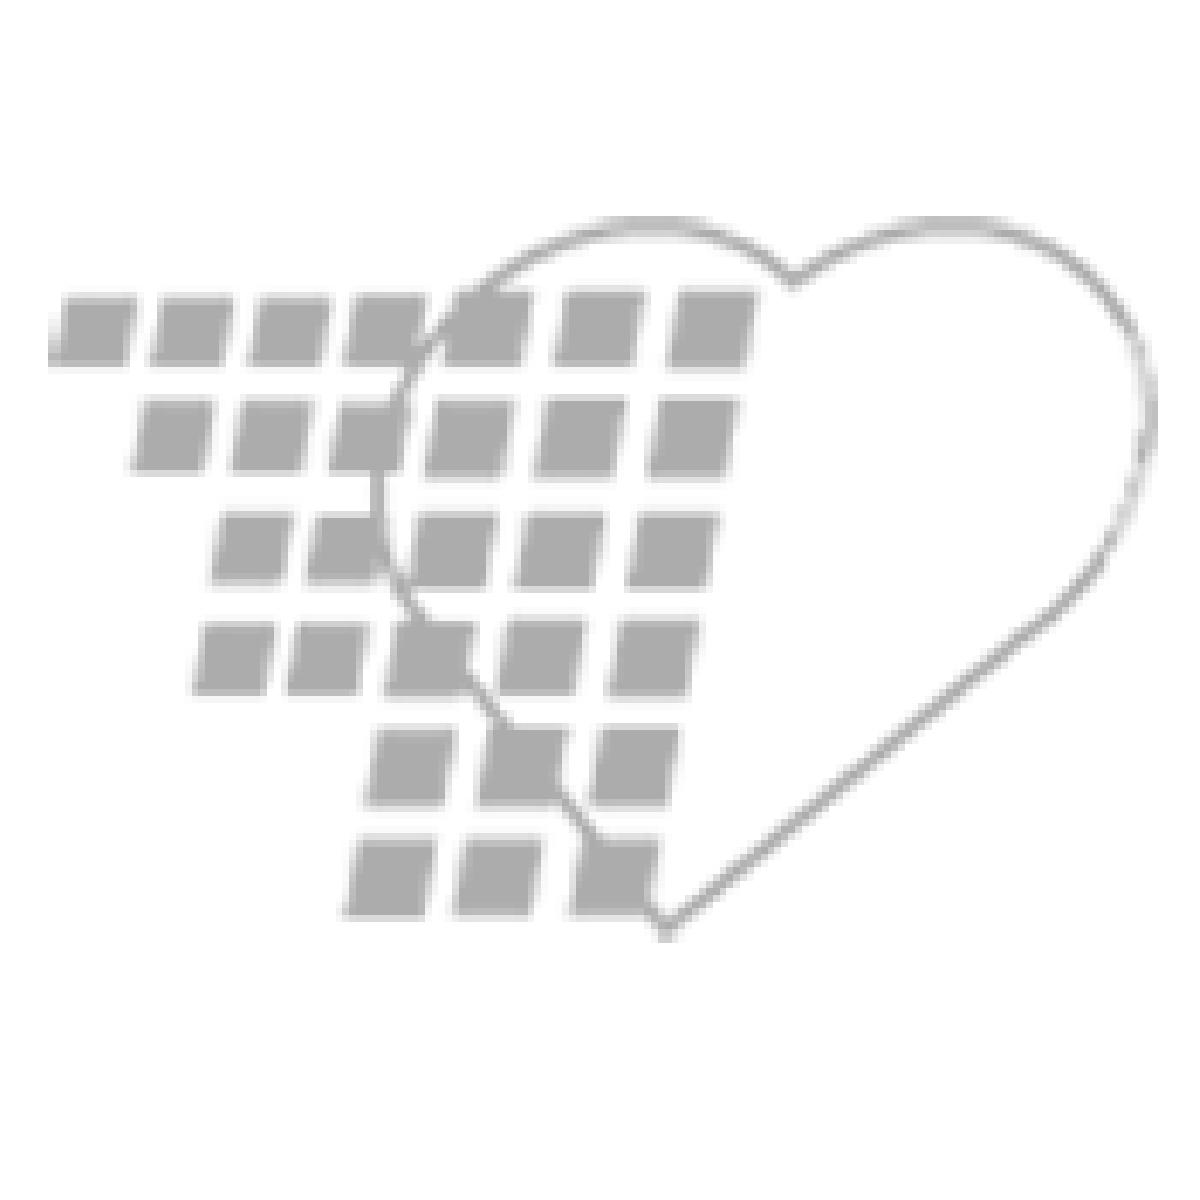 12-81-1801 - Laerdal Resusci Junior